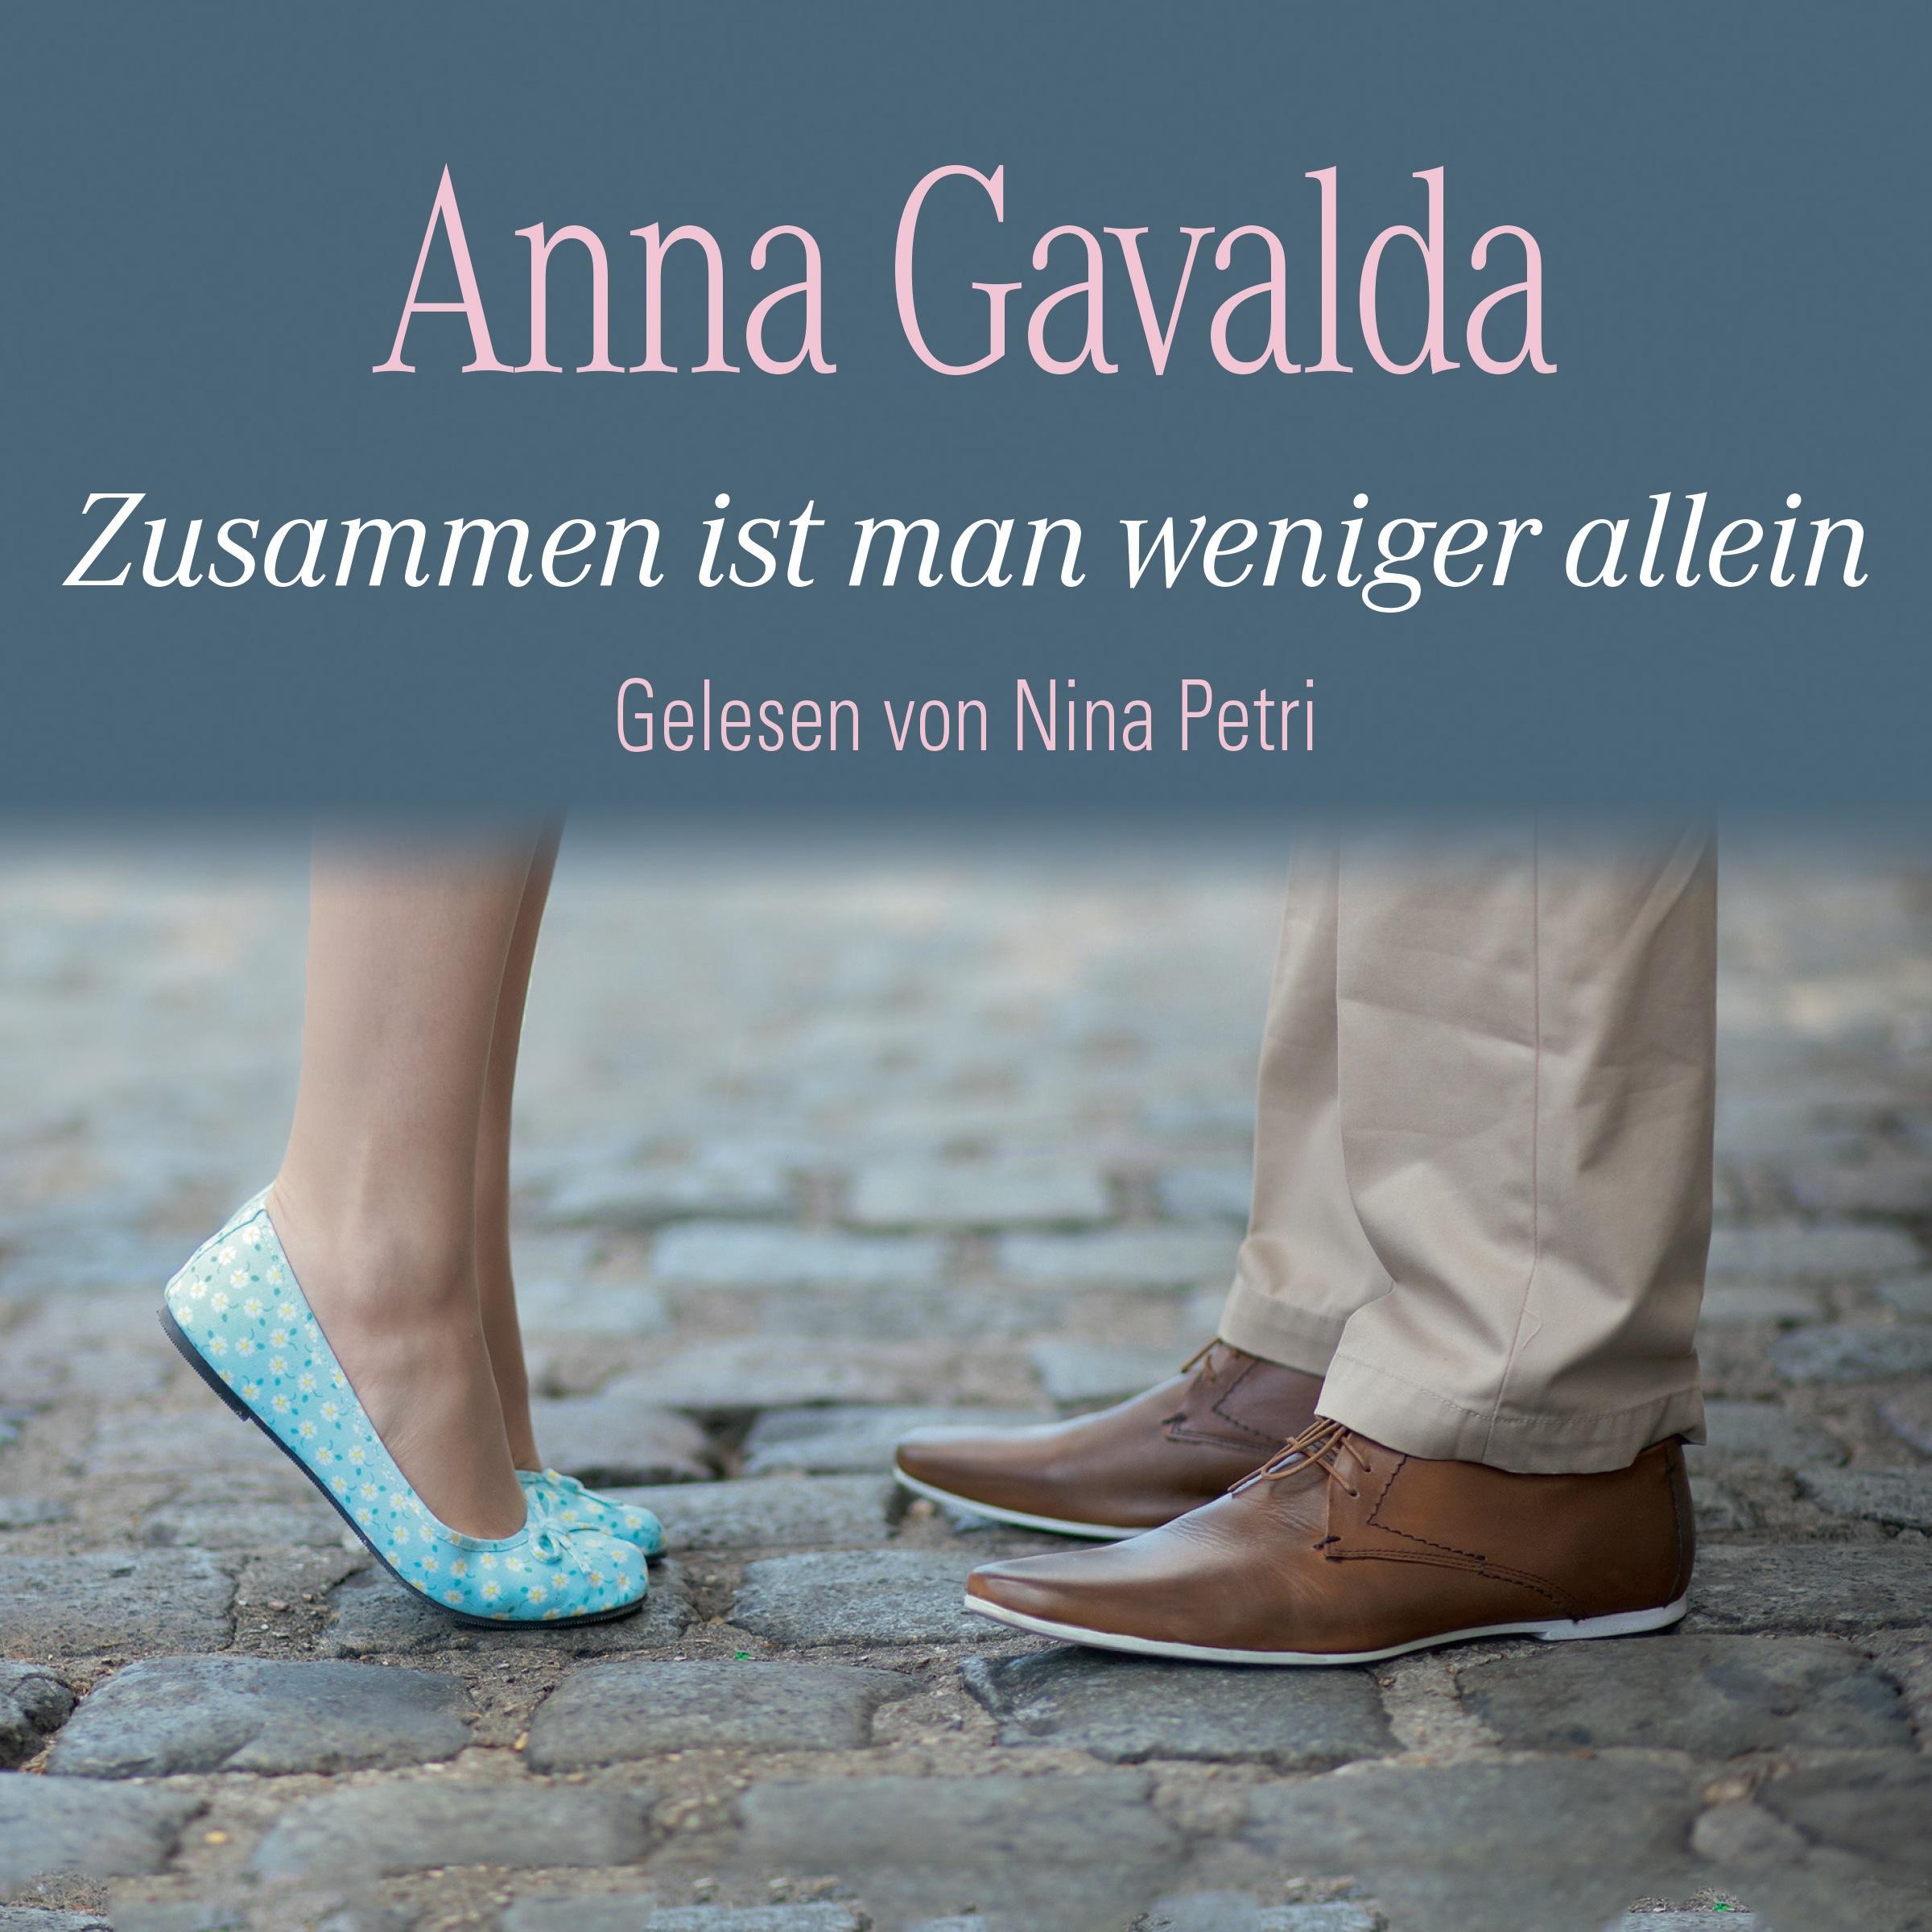 Zusammen ist man weniger allein Anna Gavalda